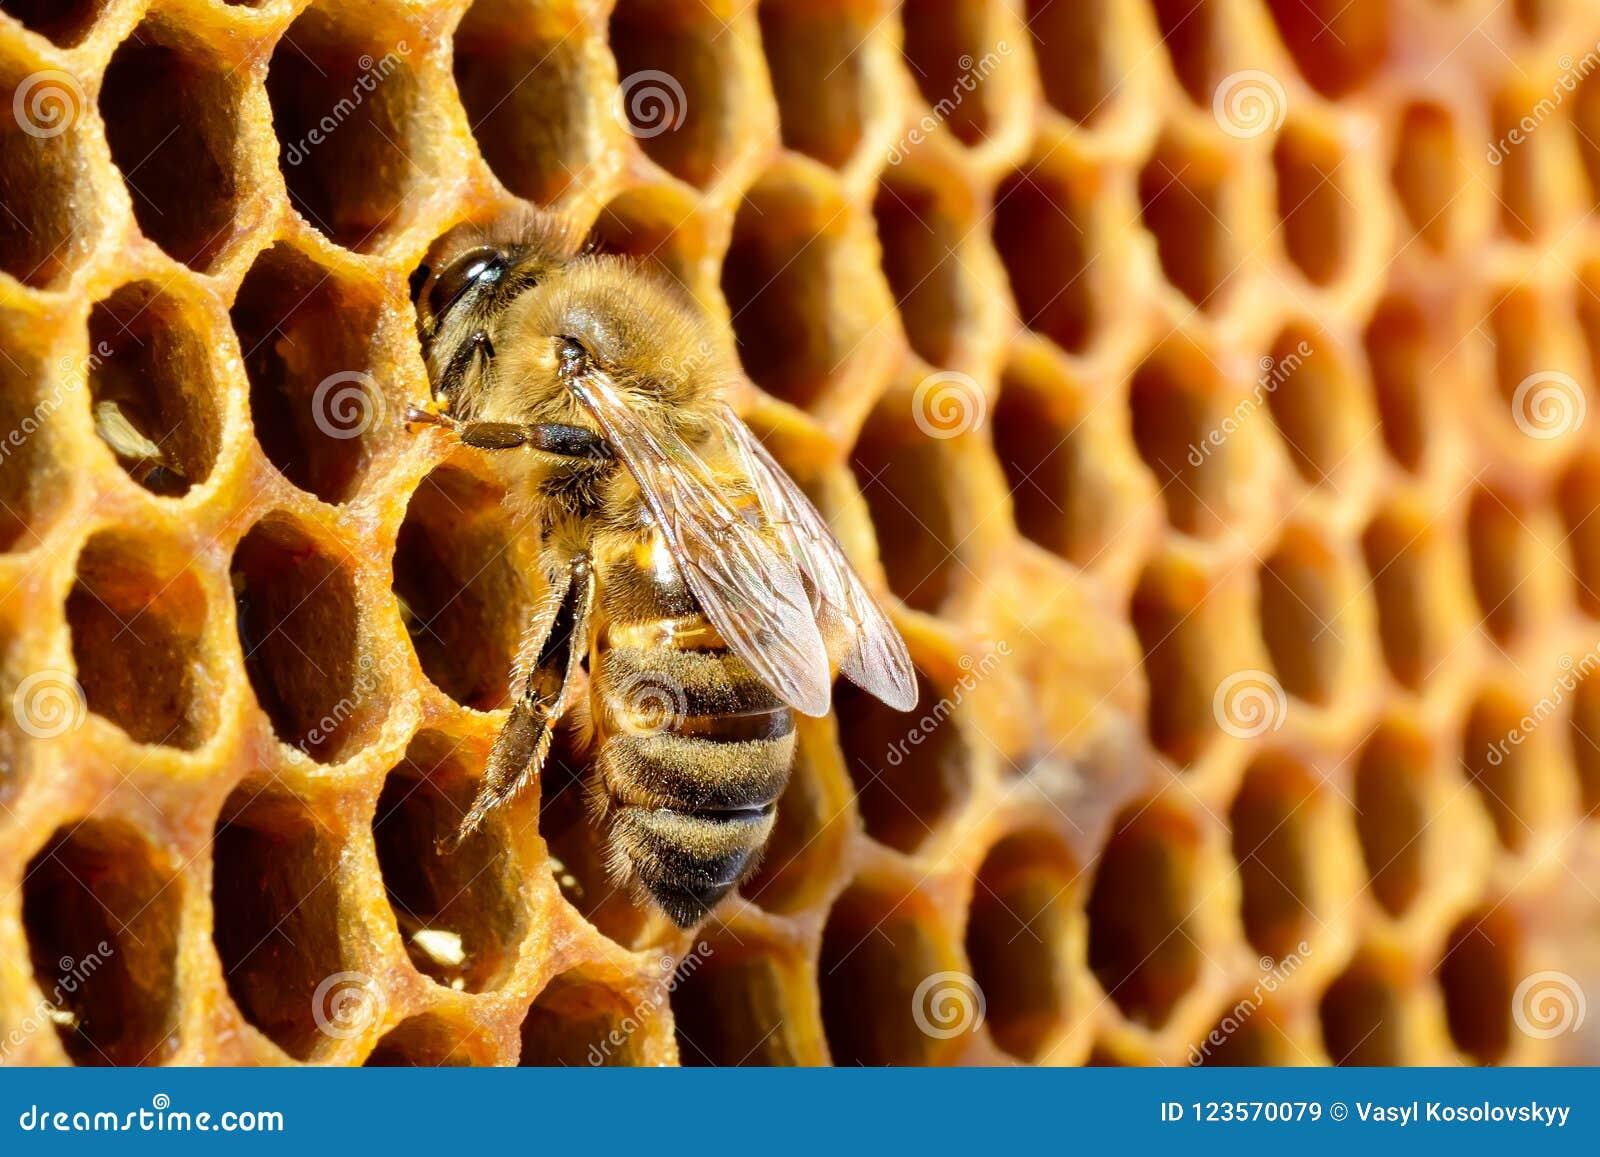 Macro photos d abeille dans une ruche sur le nid d abeilles avec le copyspace Les abeilles transforme le nectar en miel frais et